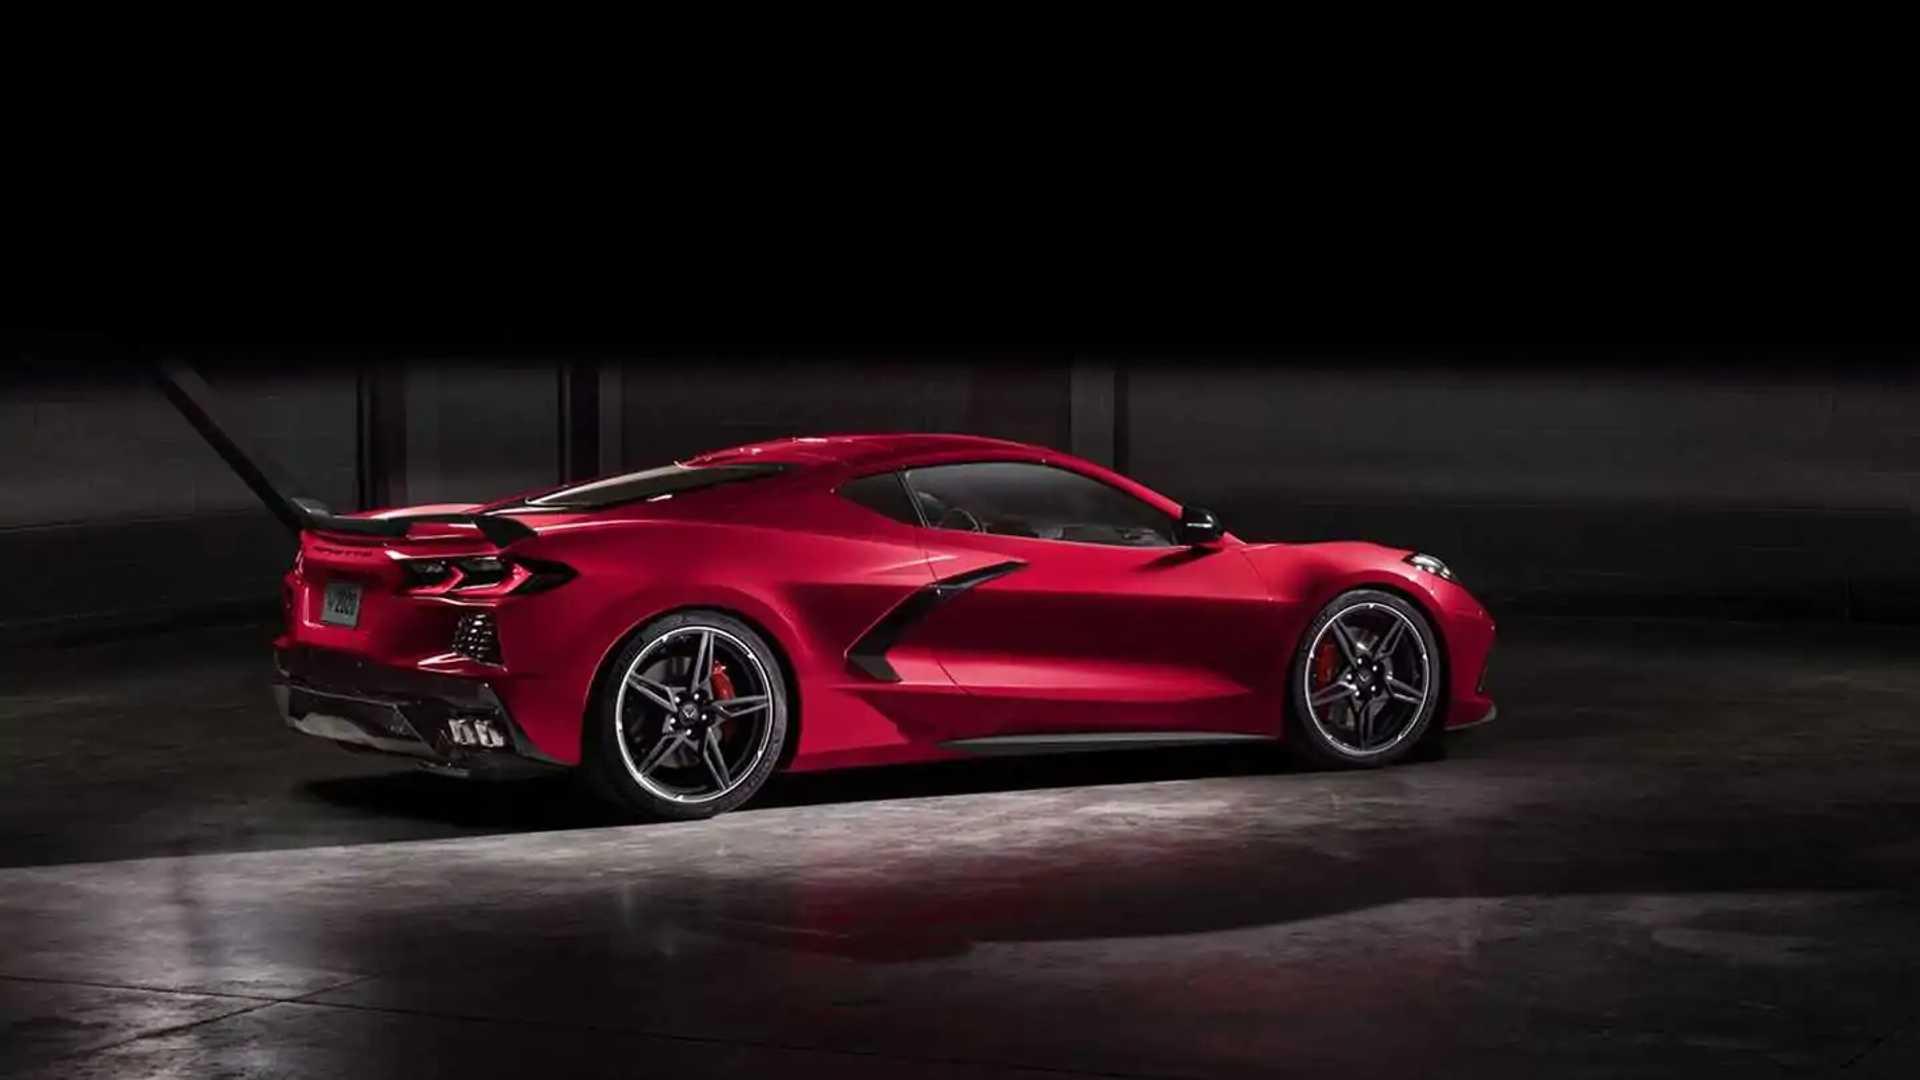 2020 Corvette Stingray Fotoğrafları Sızdıran